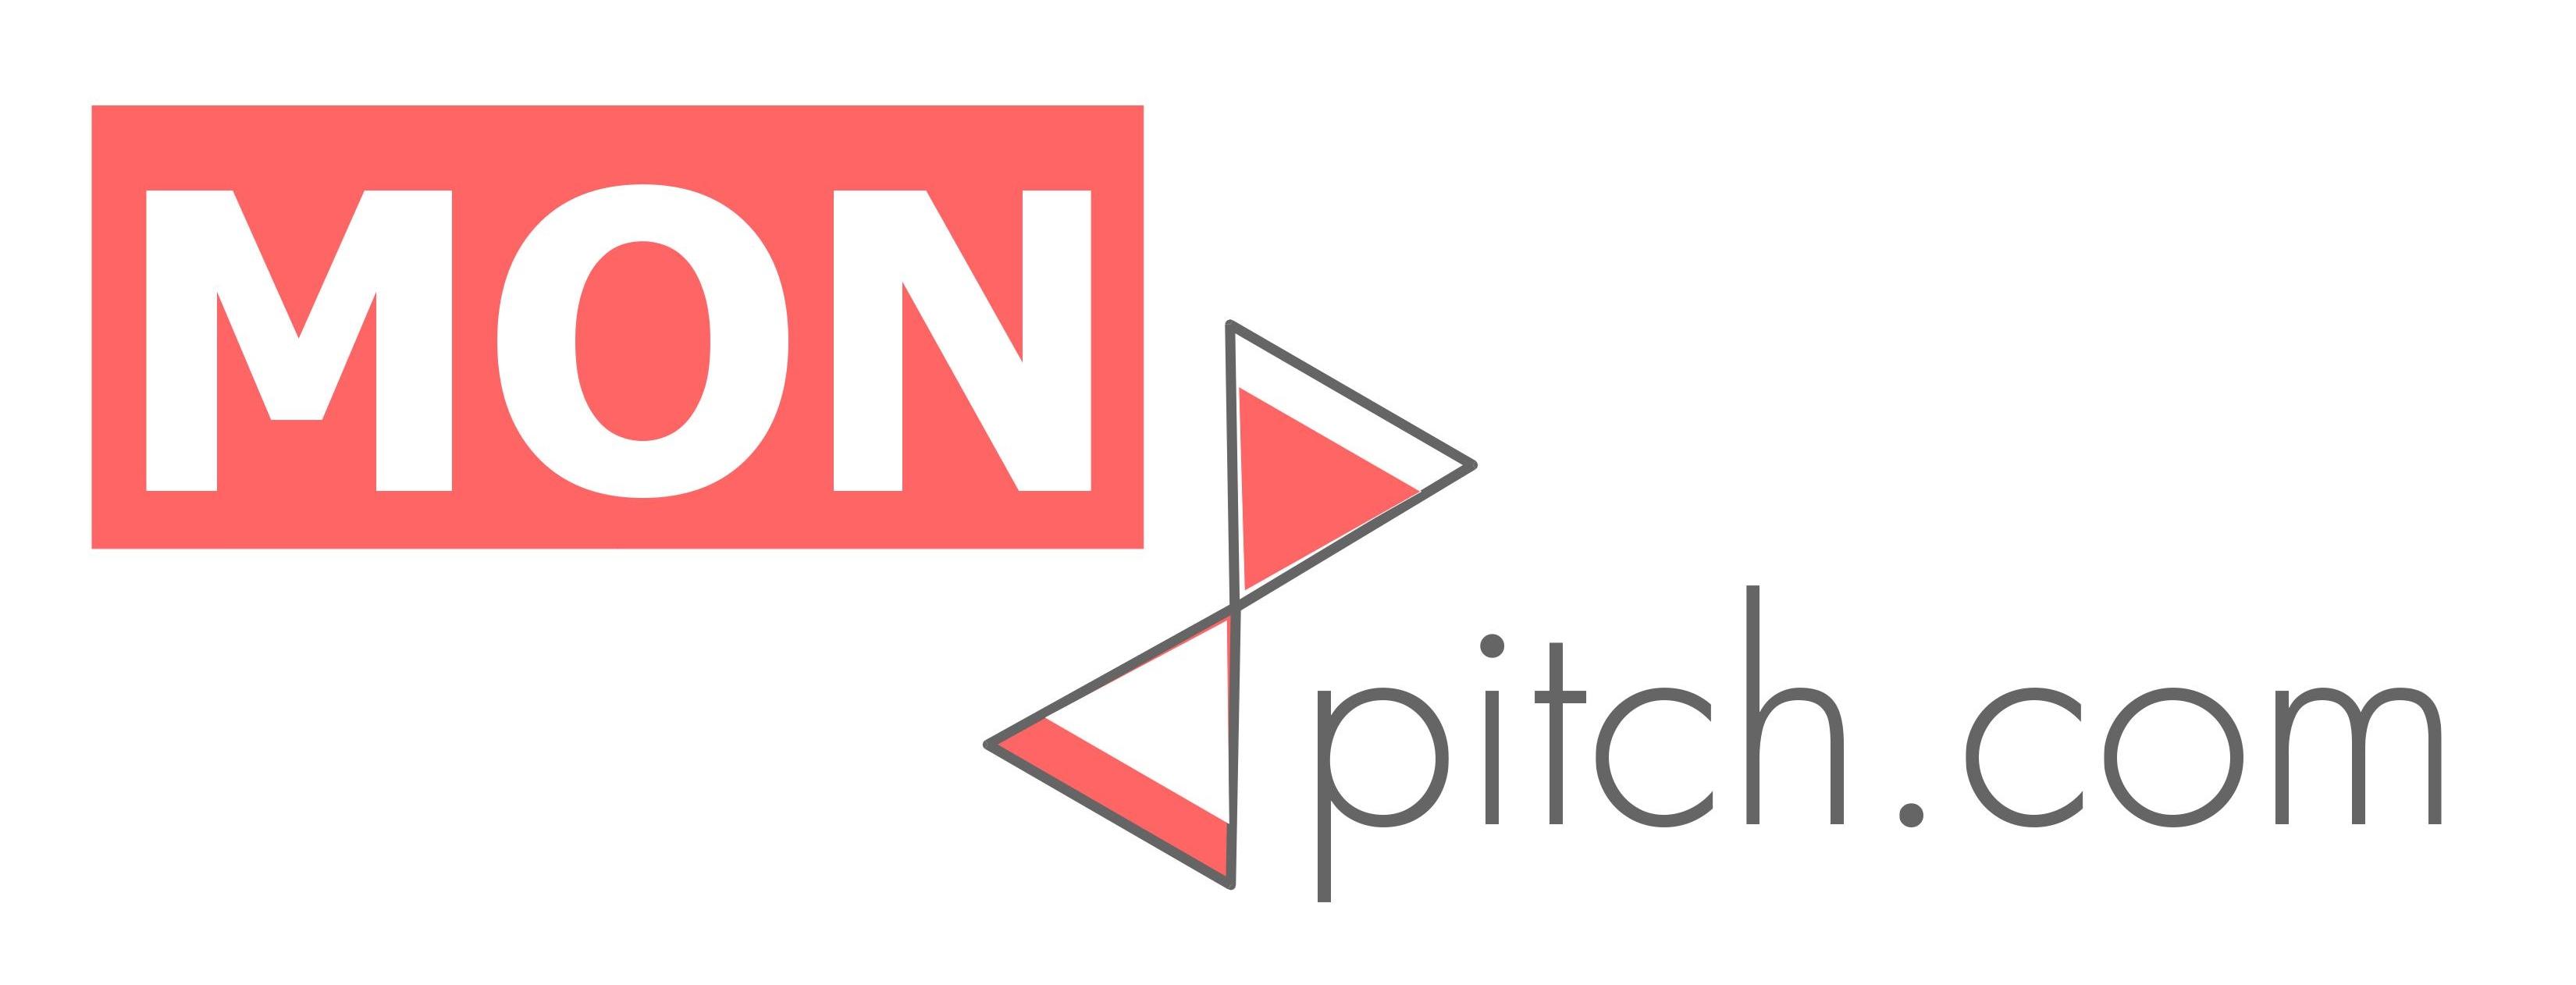 Pourquoi les plateformes de crowdfunding organisent-elles des sessions de pitch autour de la bouffe ?